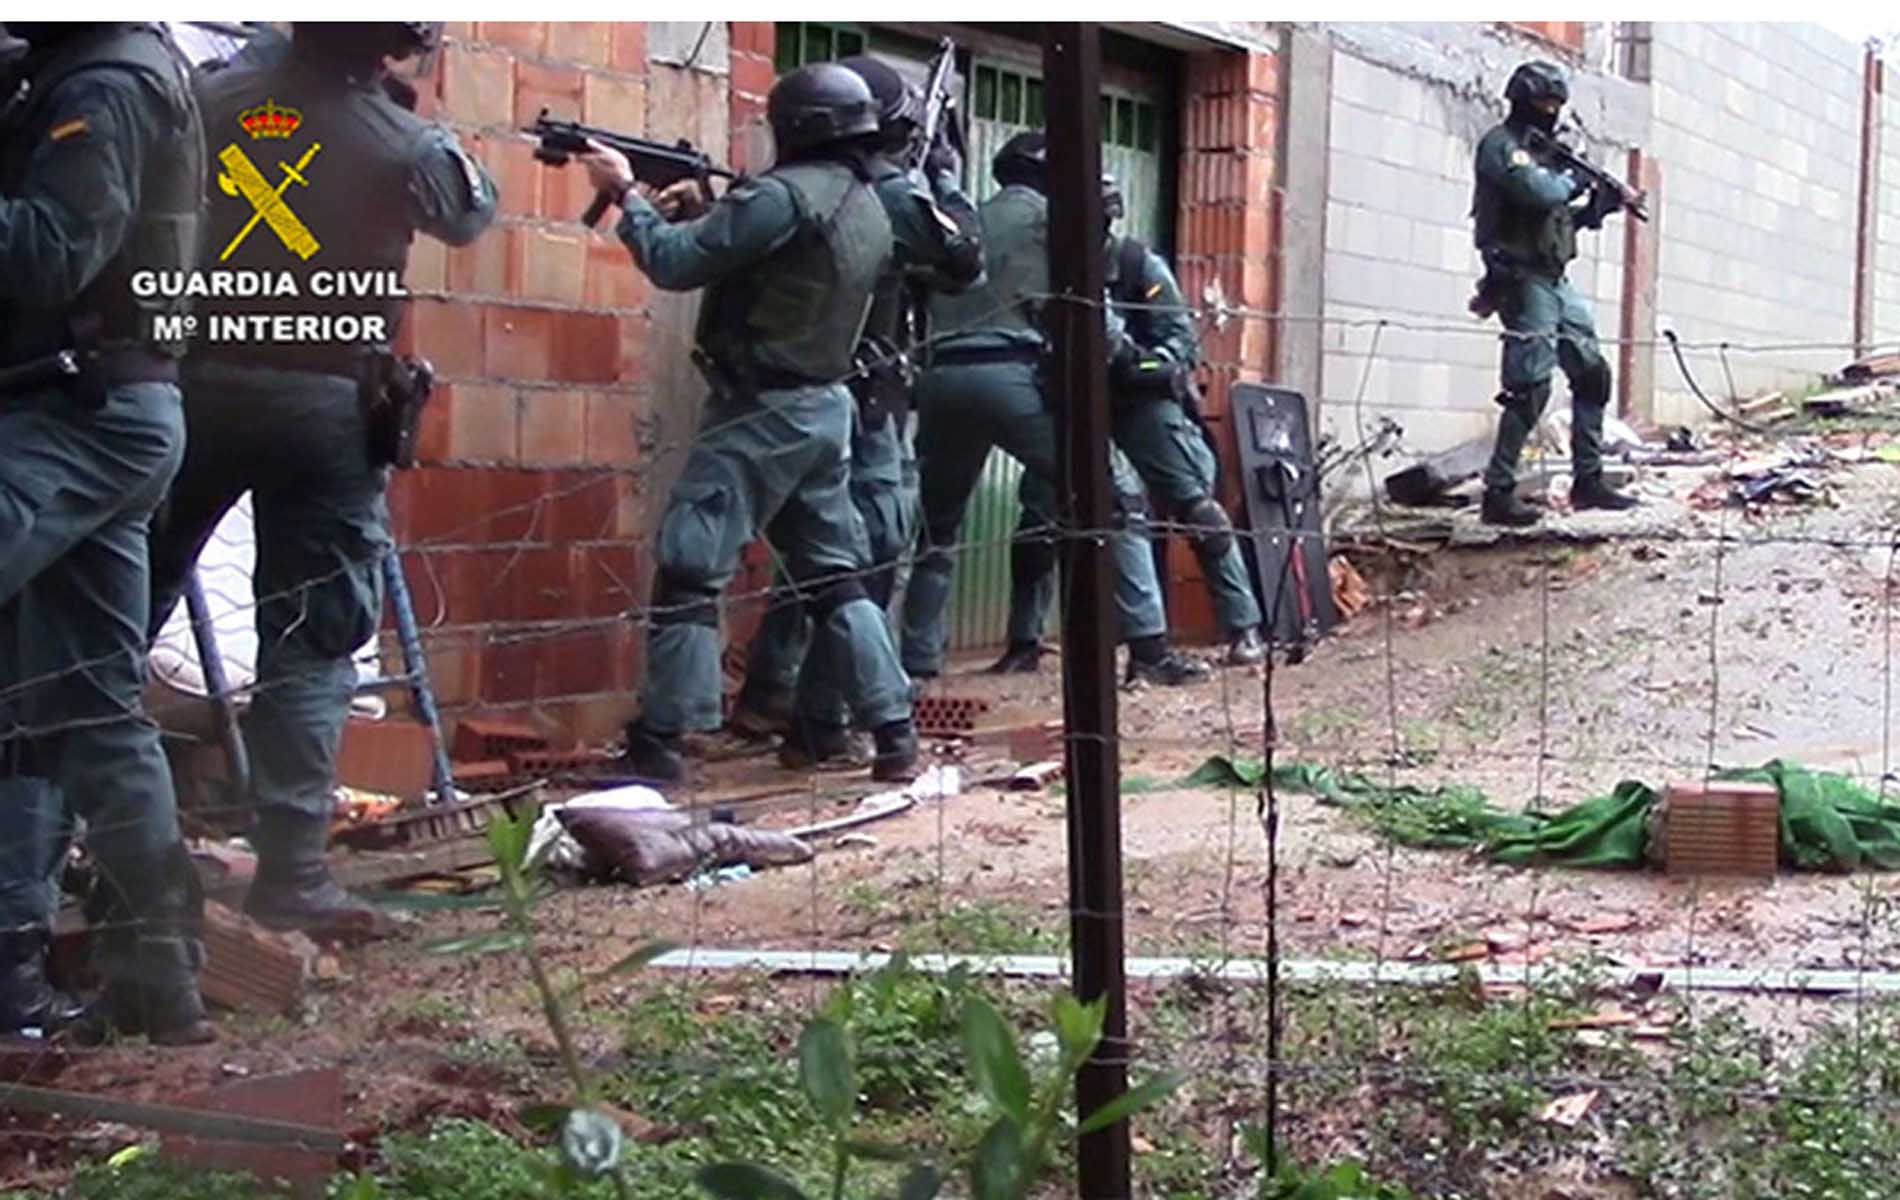 La Guardia Civil detiene a 57 personas en una operación antidroga en el Estrecho